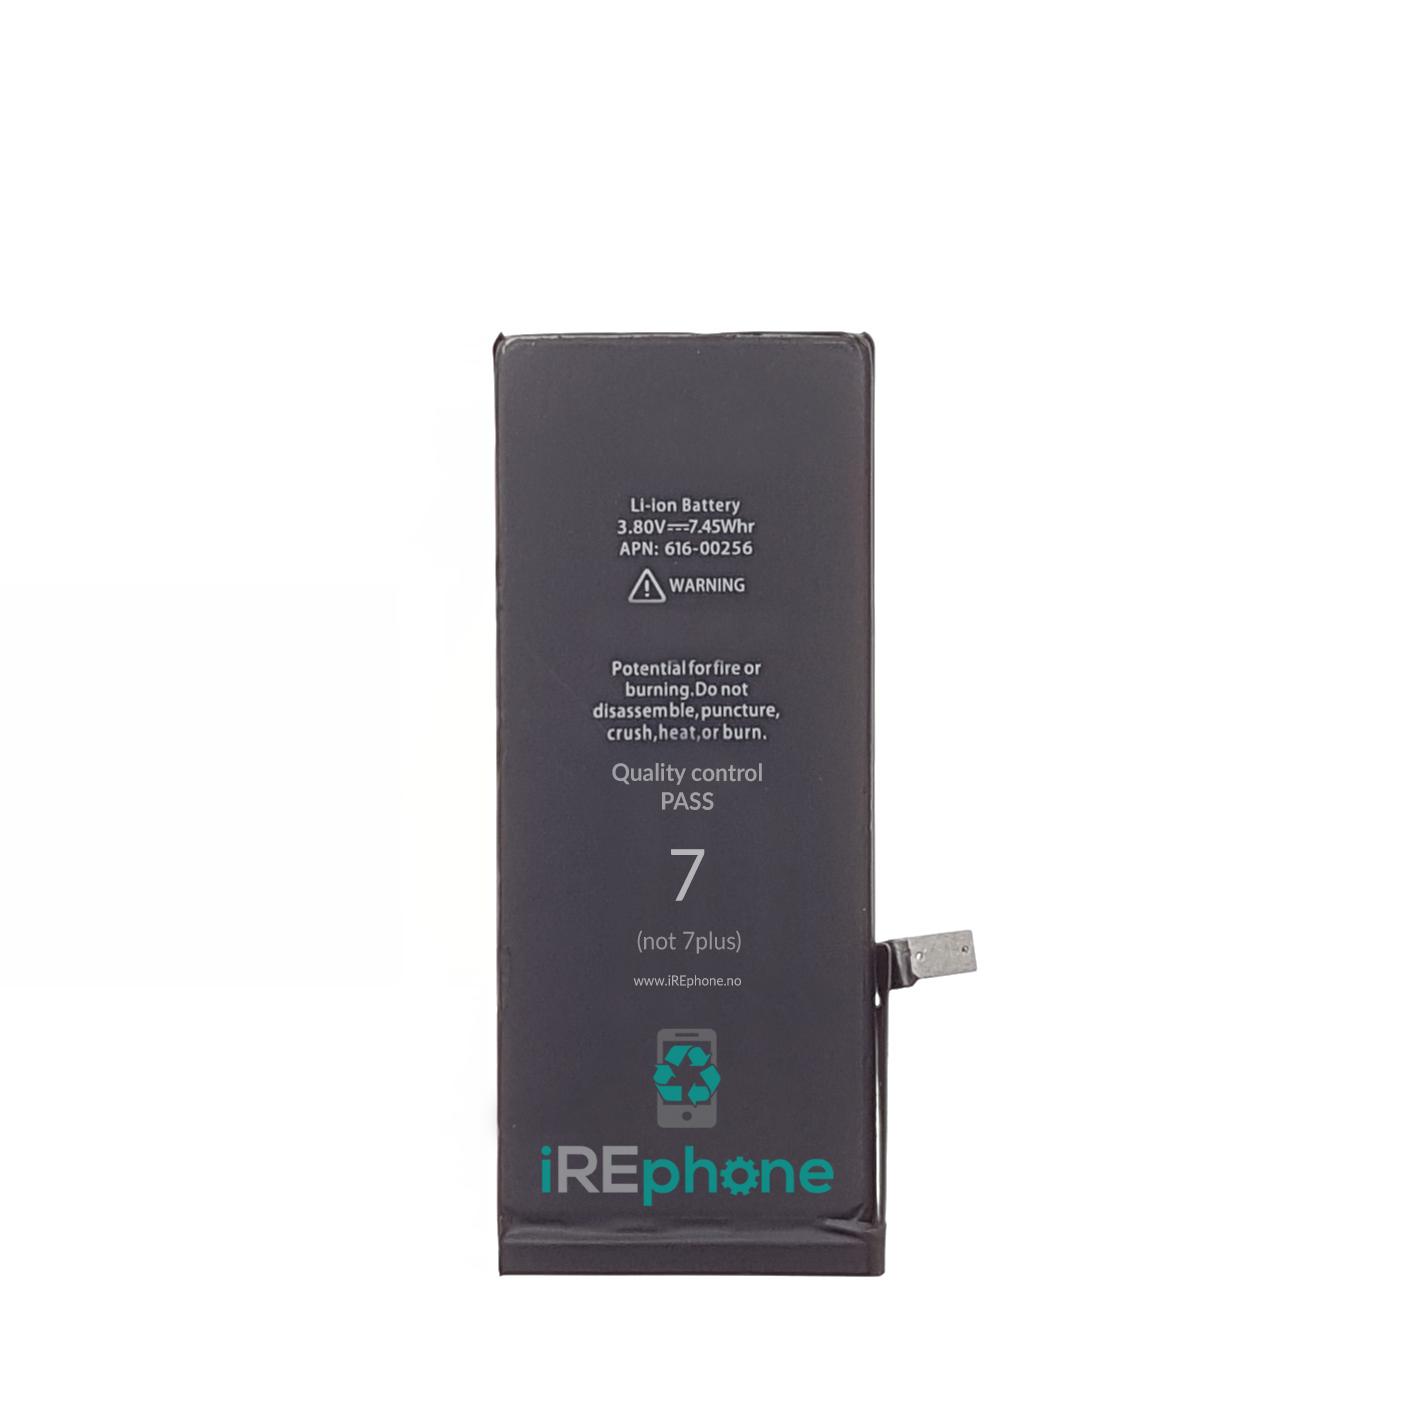 Batteri for iPhone 7 – 1960 mAh